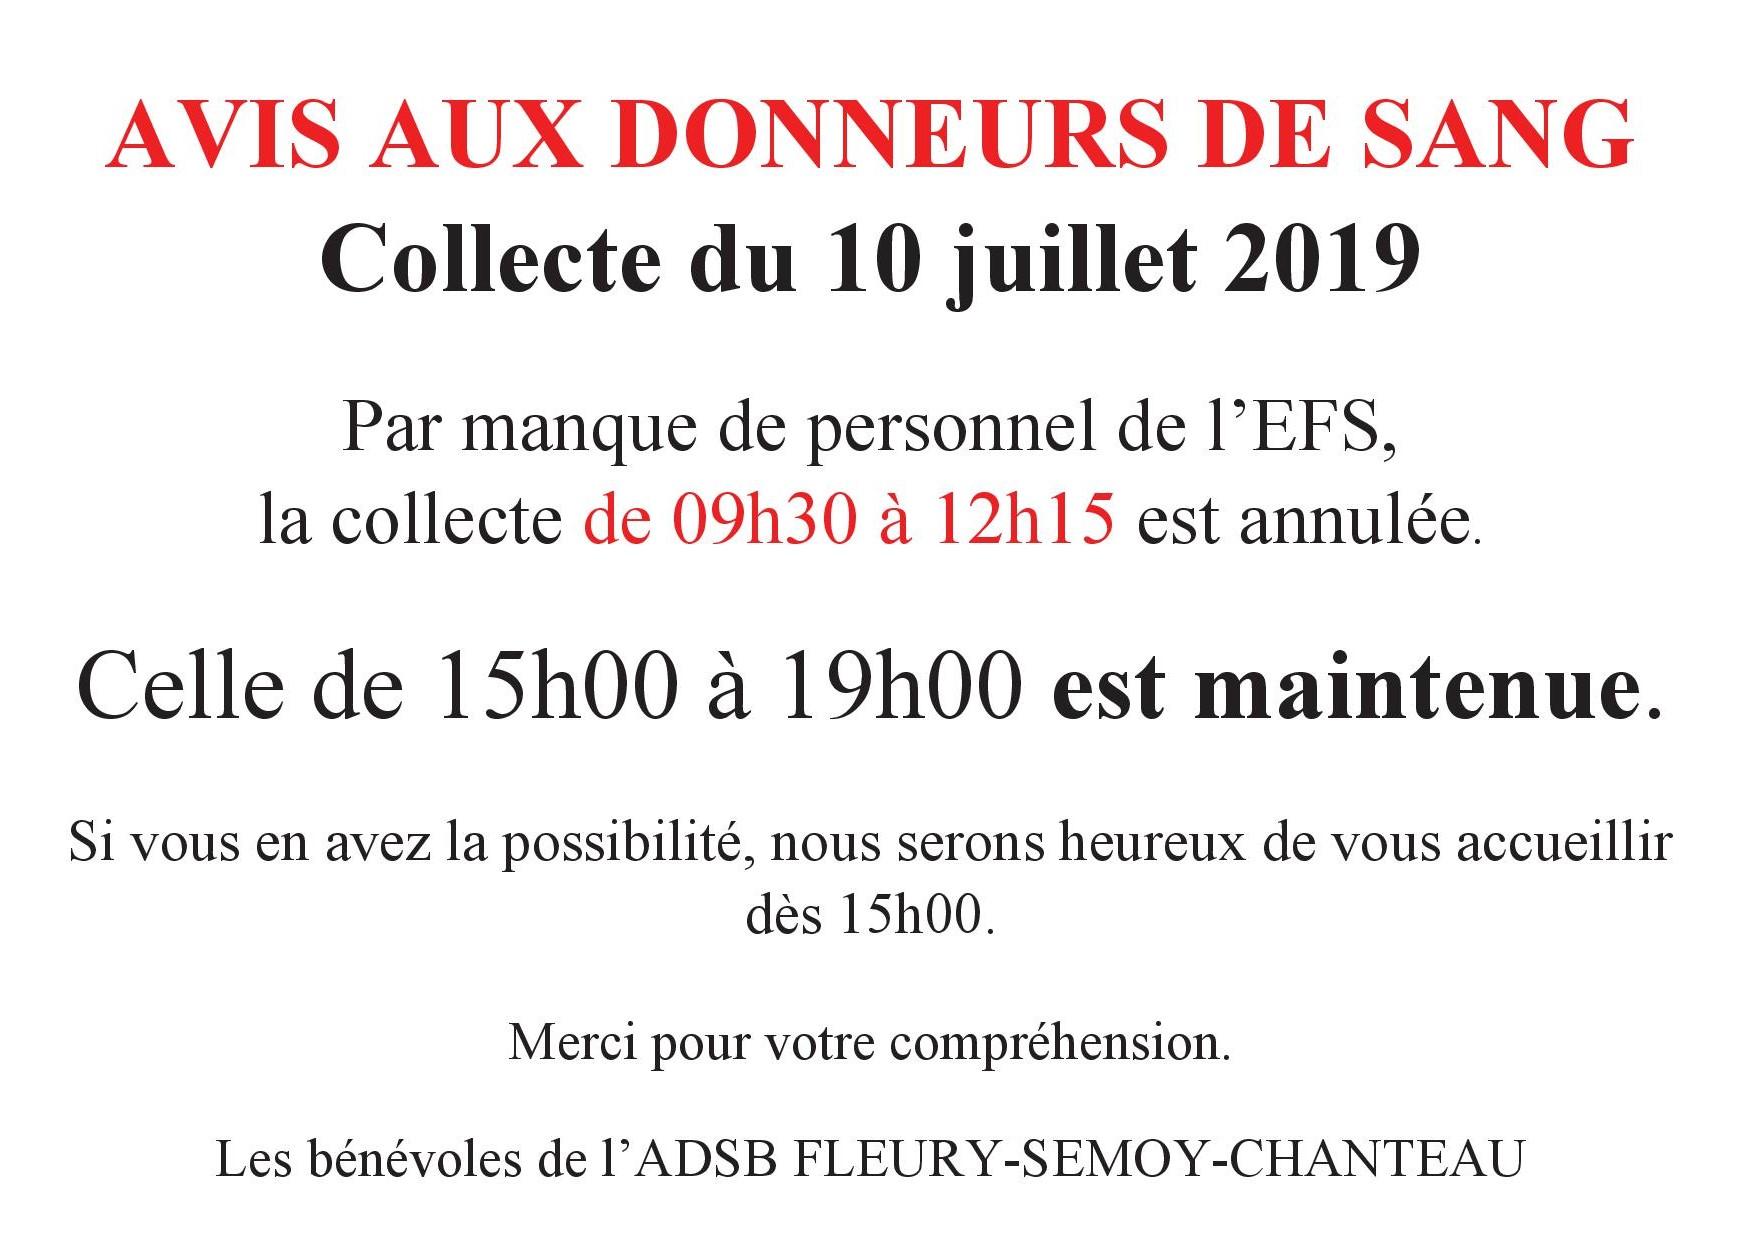 20190708_Avis aux donneurs de sang_Collecte annulée_Pour diffusion-1.jpg